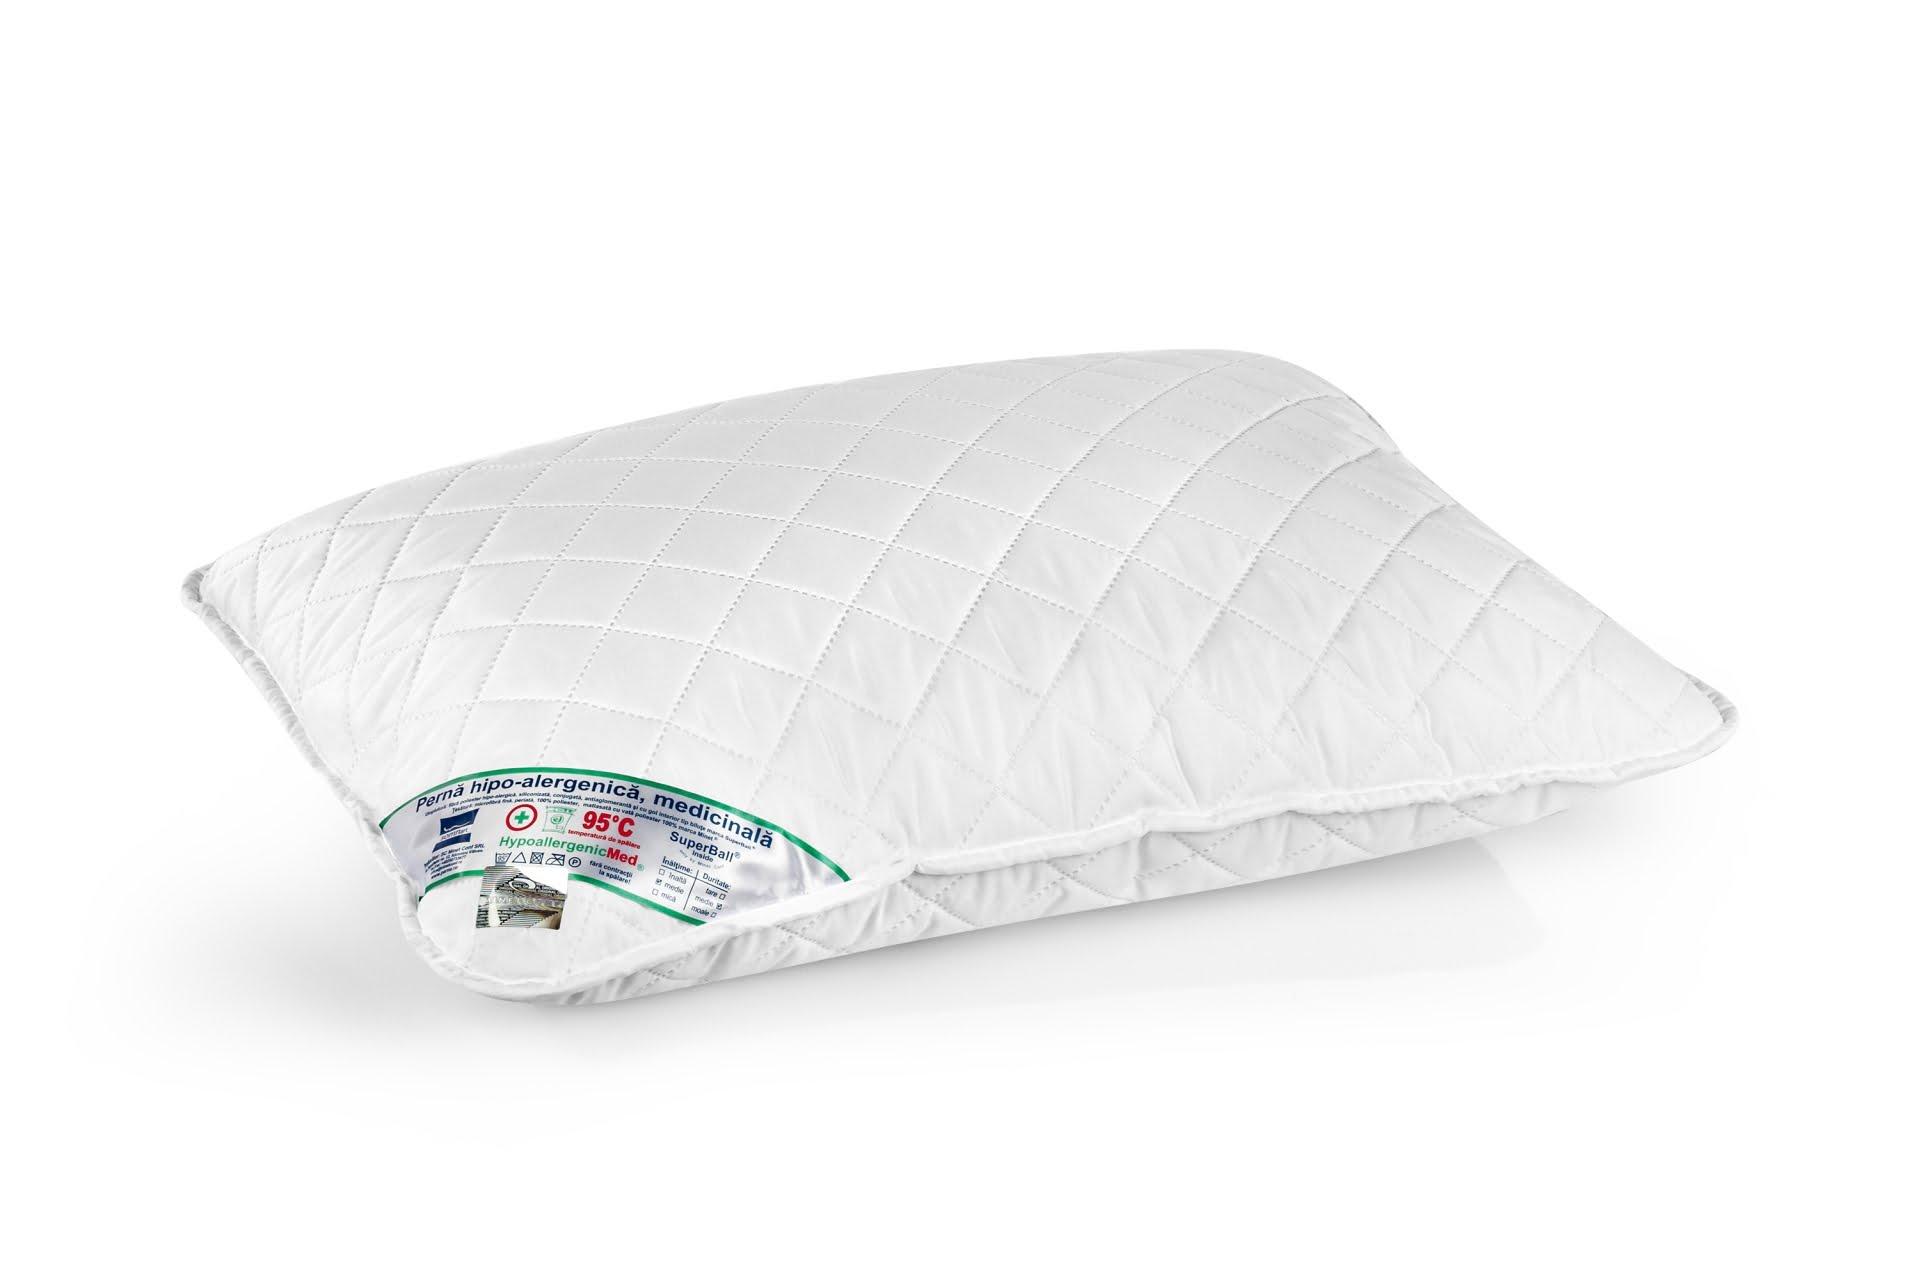 Perna Somnart HypoallergenicMed, lavabila la 95°C - 40 x 60 cm poza somnart.ro